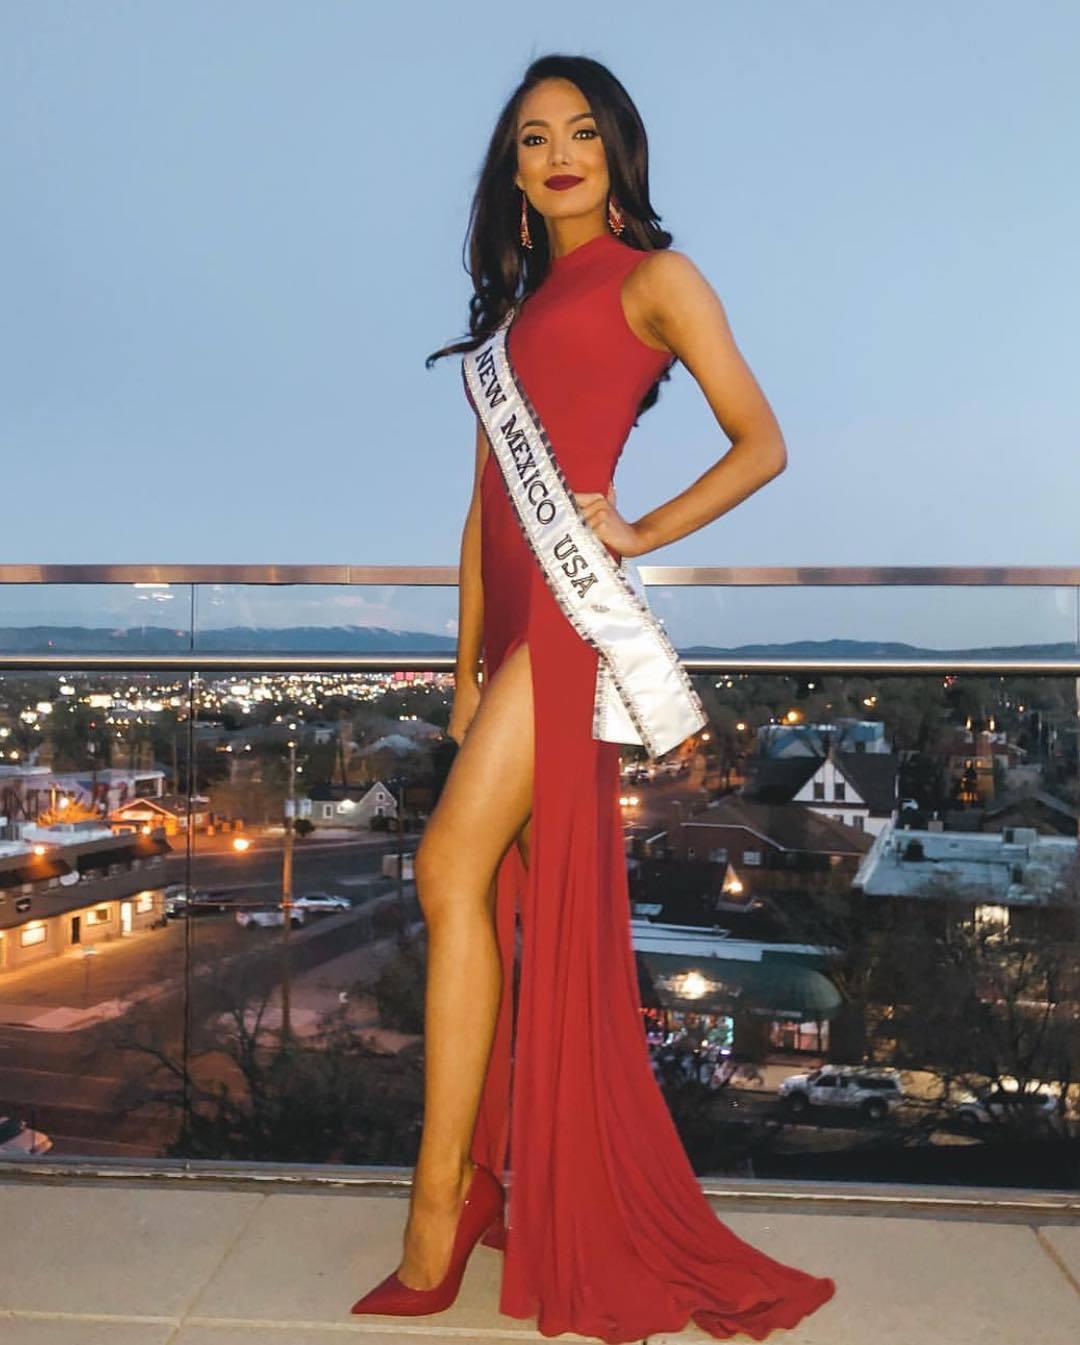 alejandra gonzalez, top 2 de miss usa 2019. - Página 2 58649634_416068359183998_574906176290599989_n